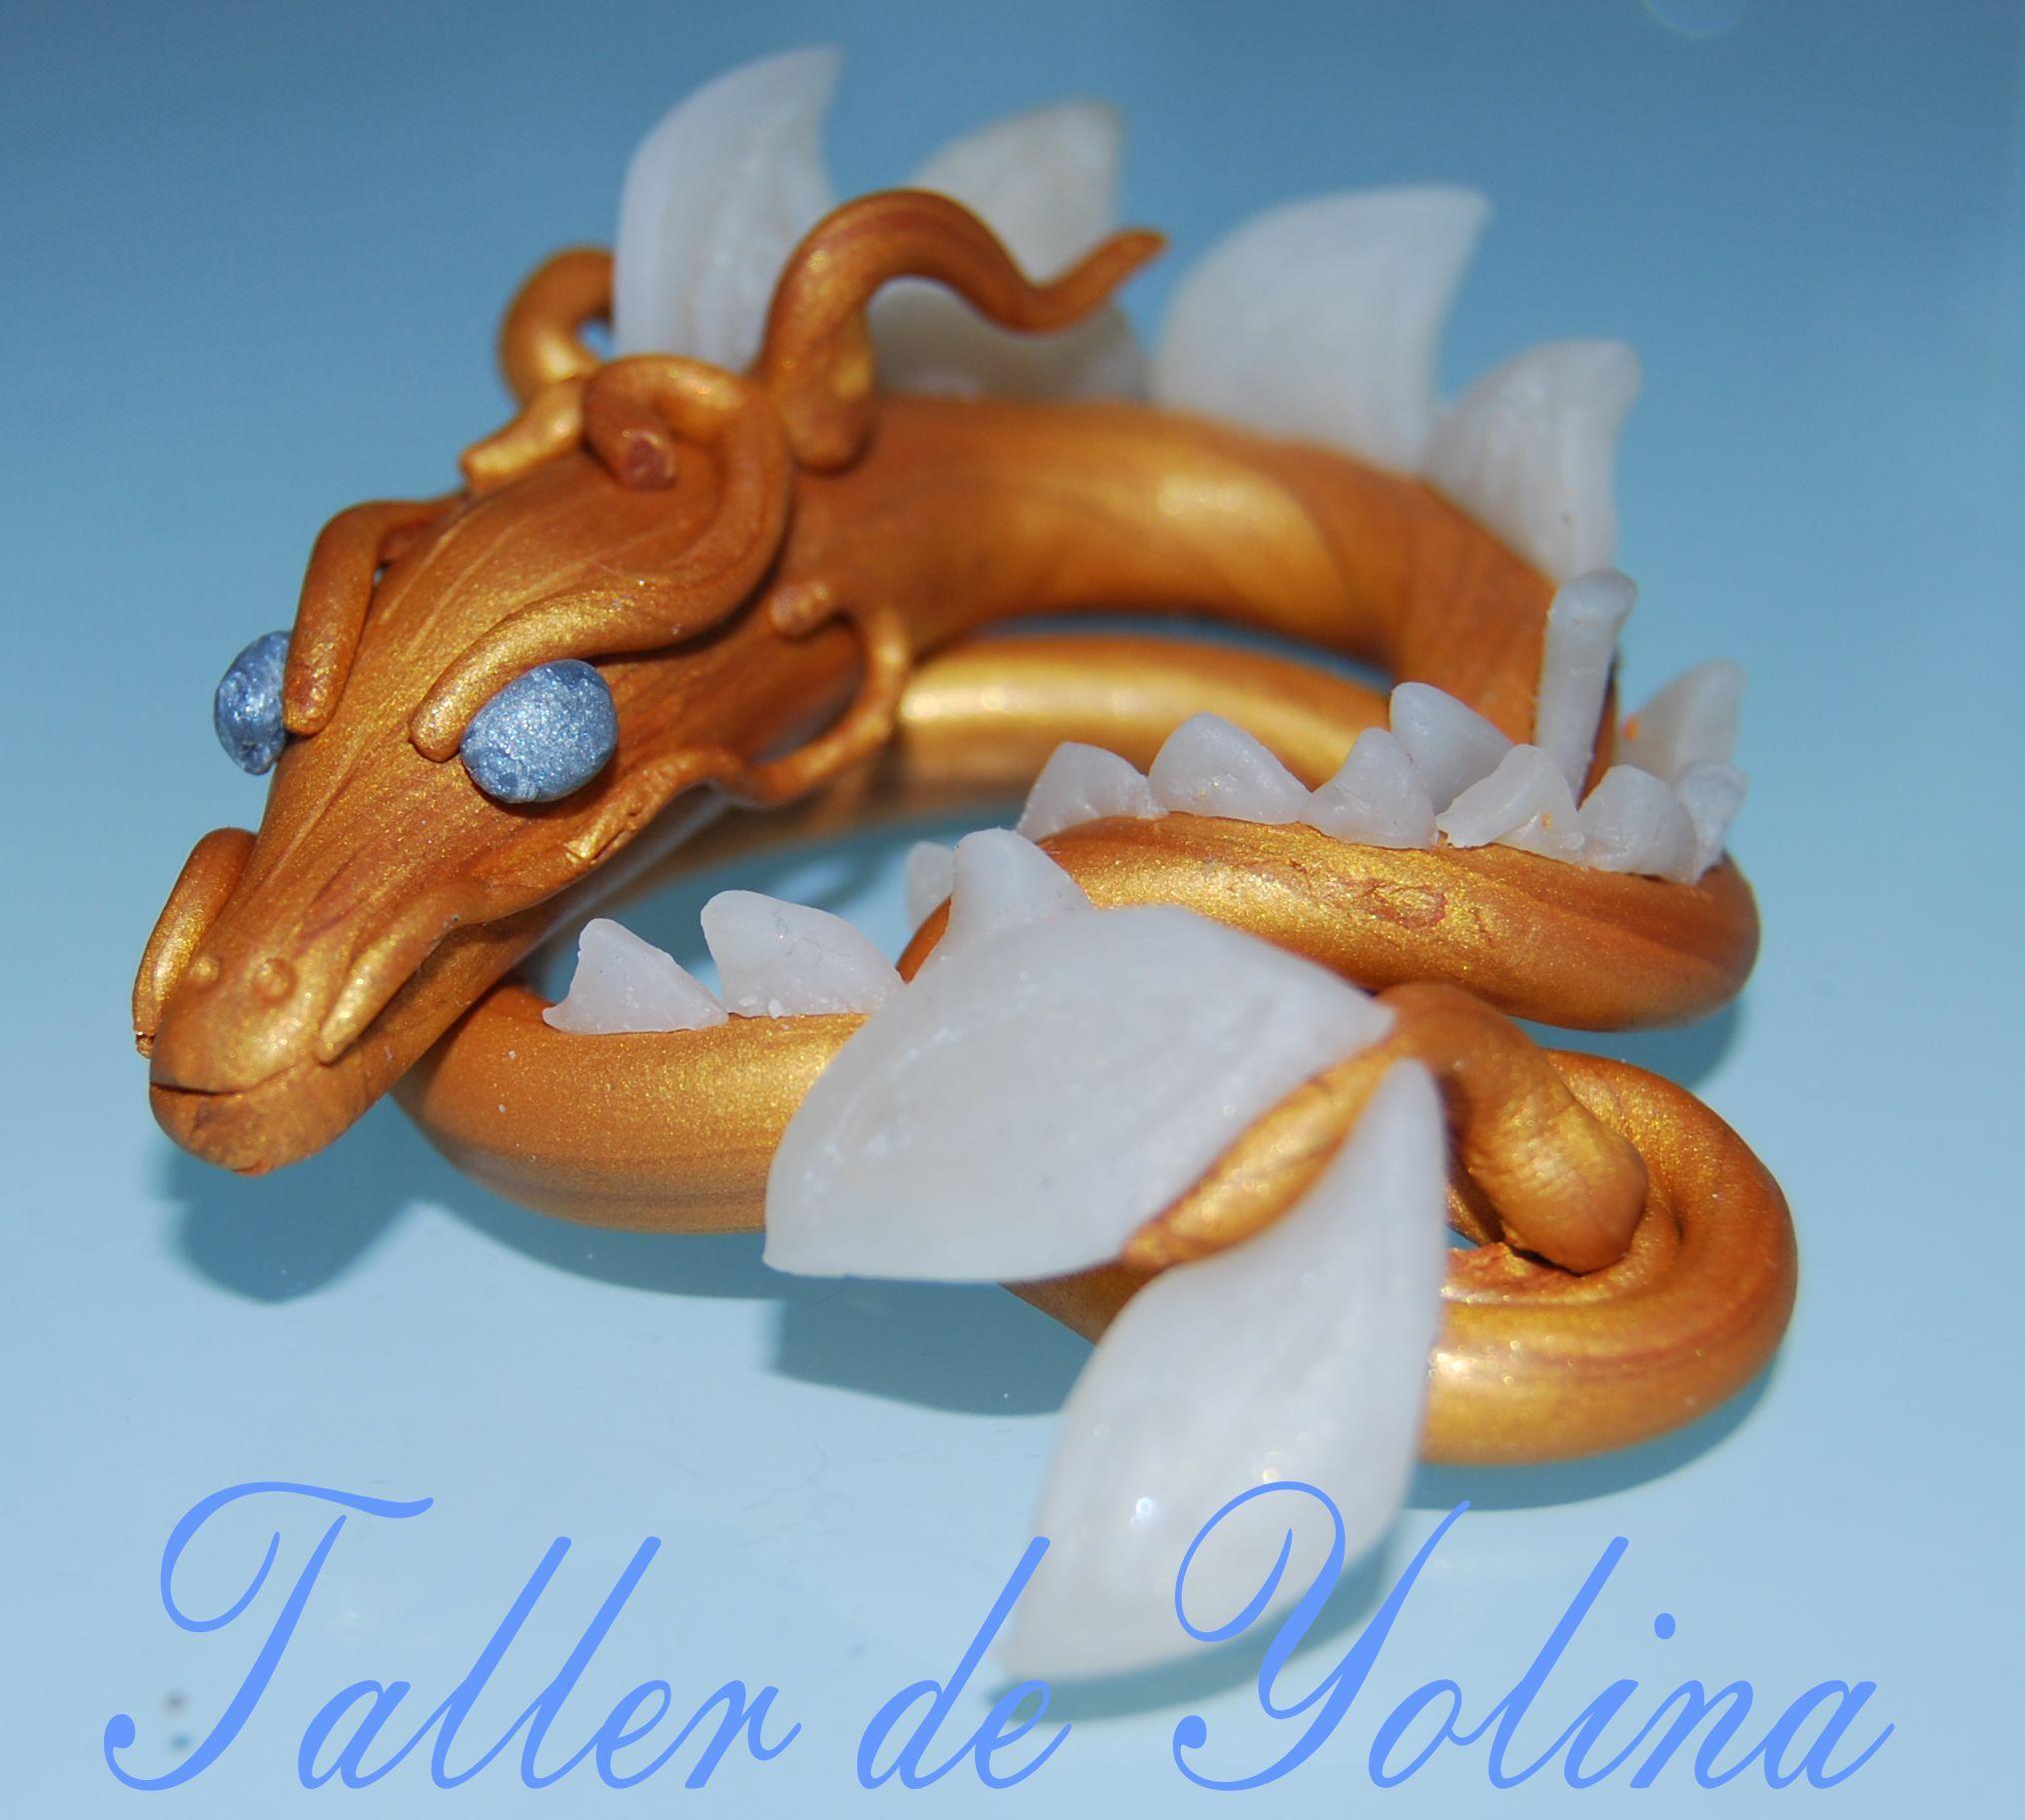 Os presento un dragón dorado,protector de un gran secreto.........